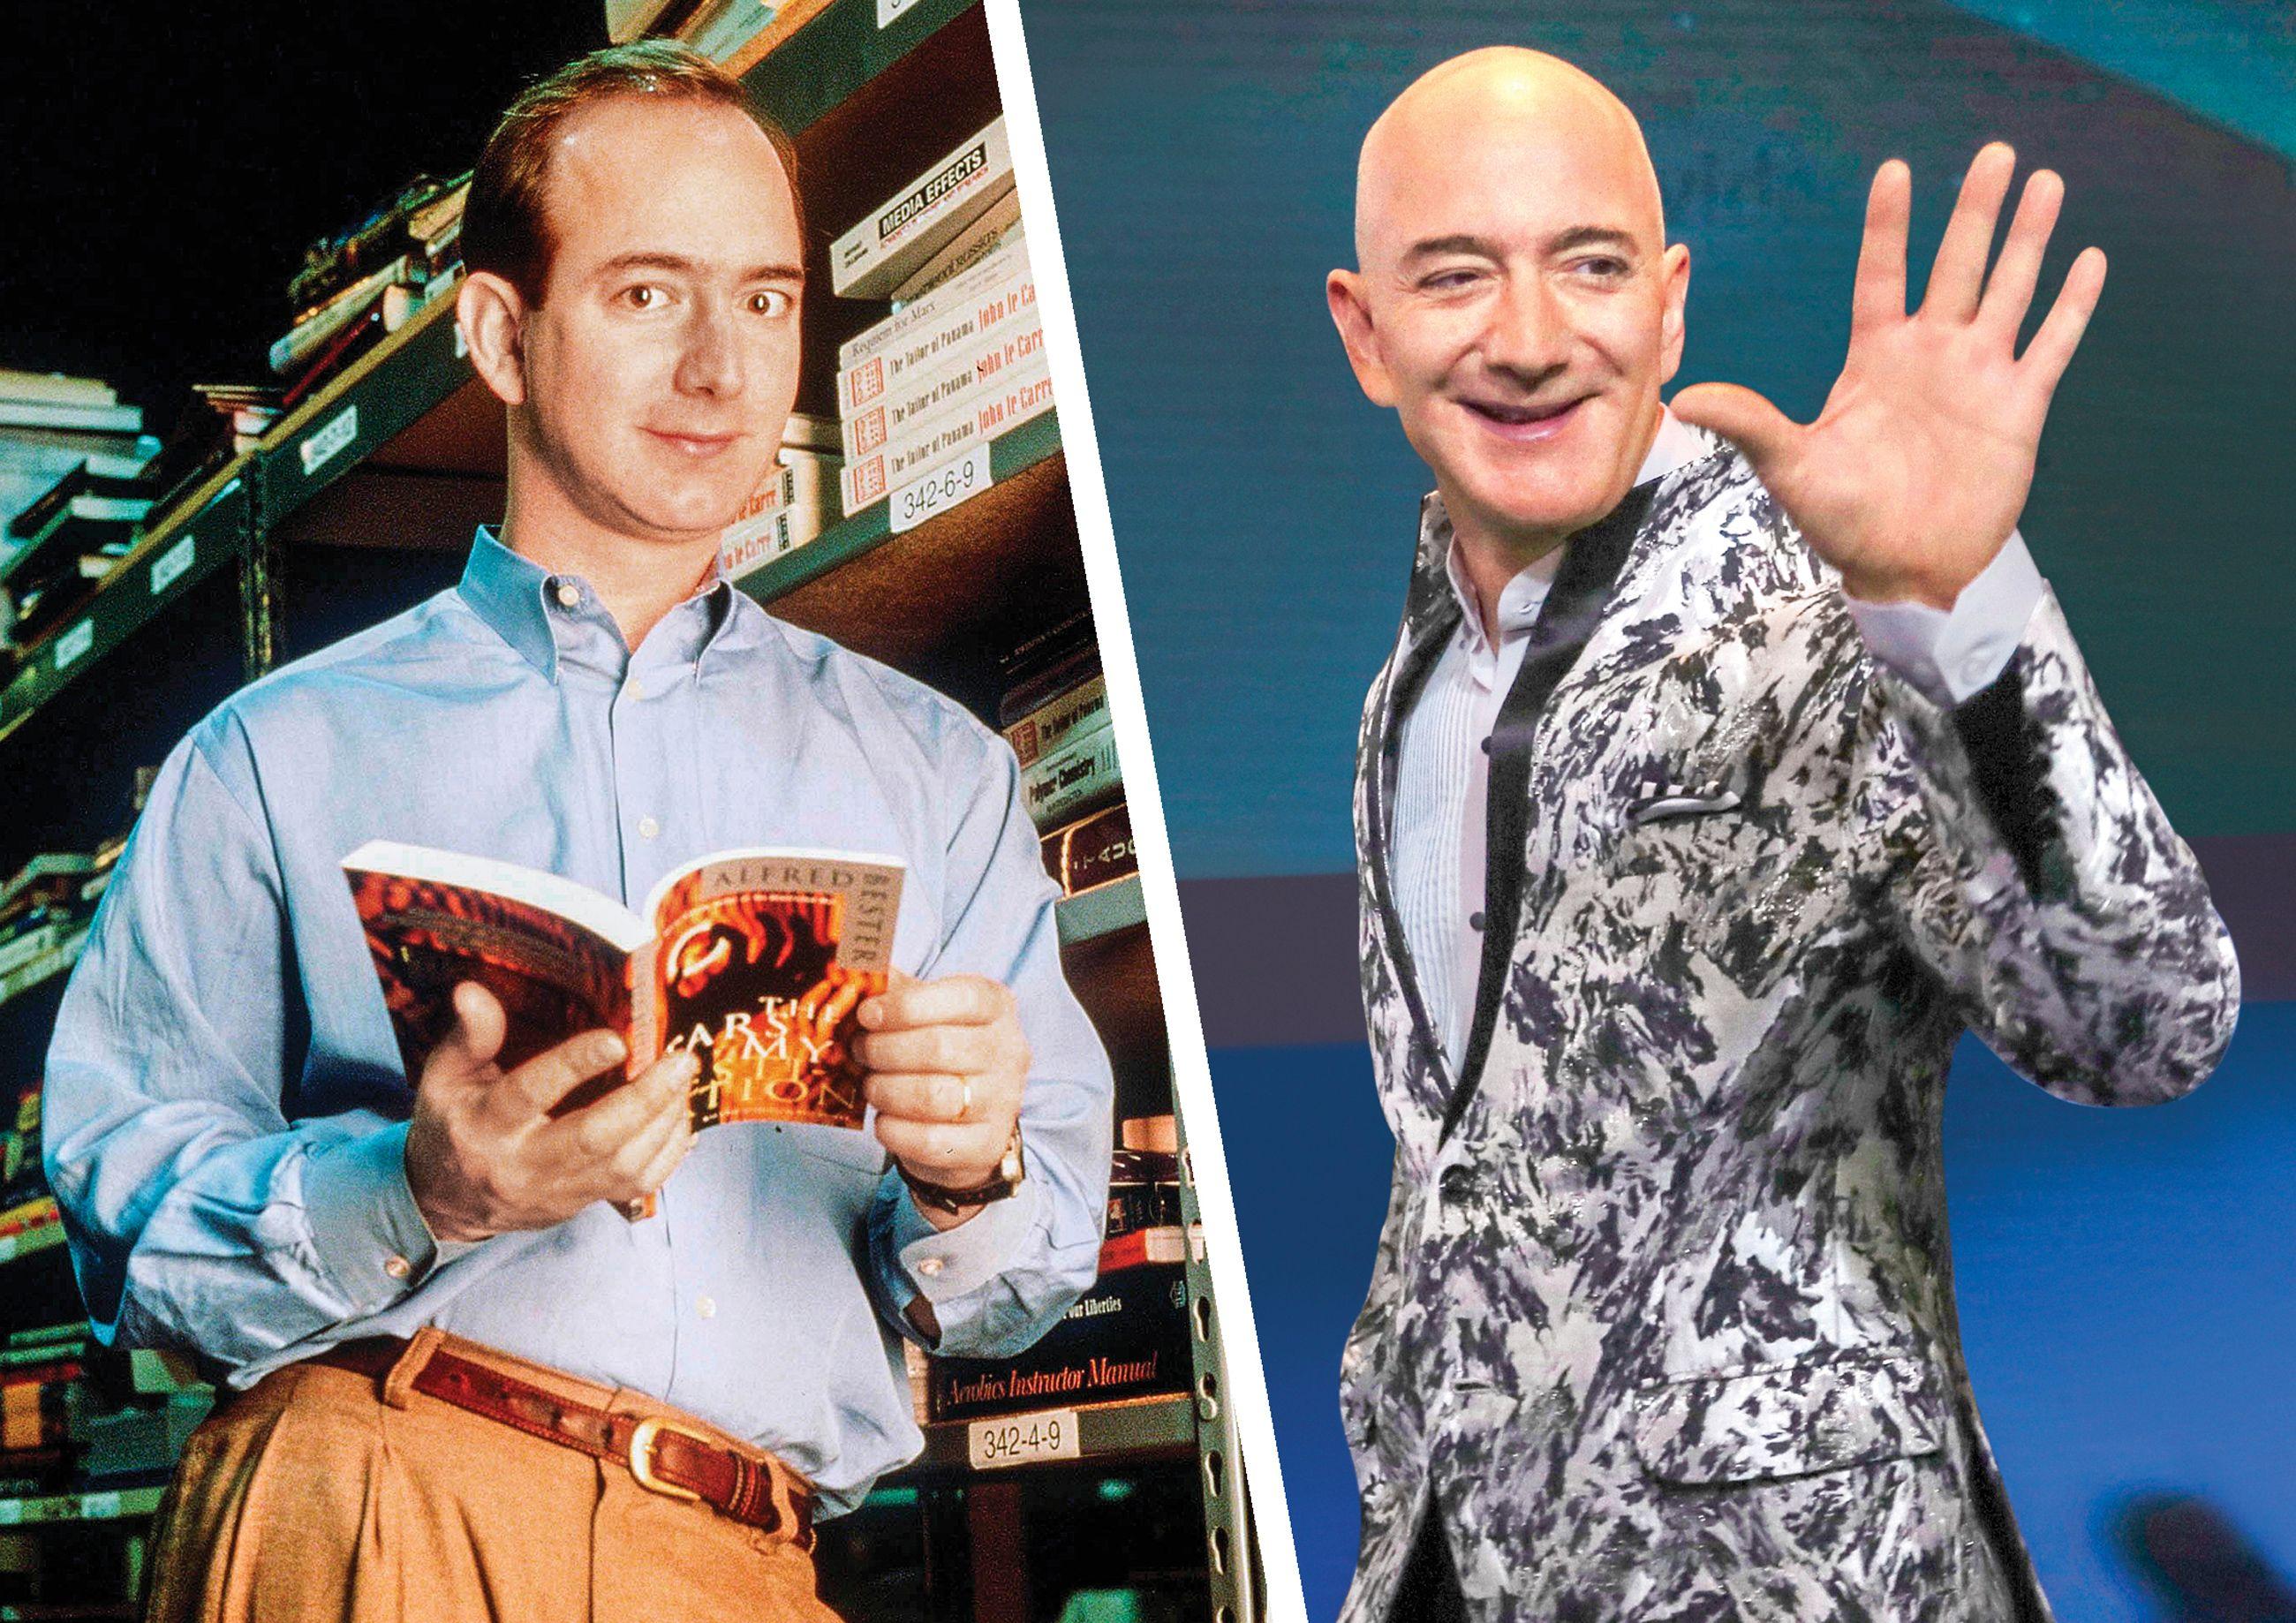 Jeff Bezos e Elon Musk: due loro progetti a confronto